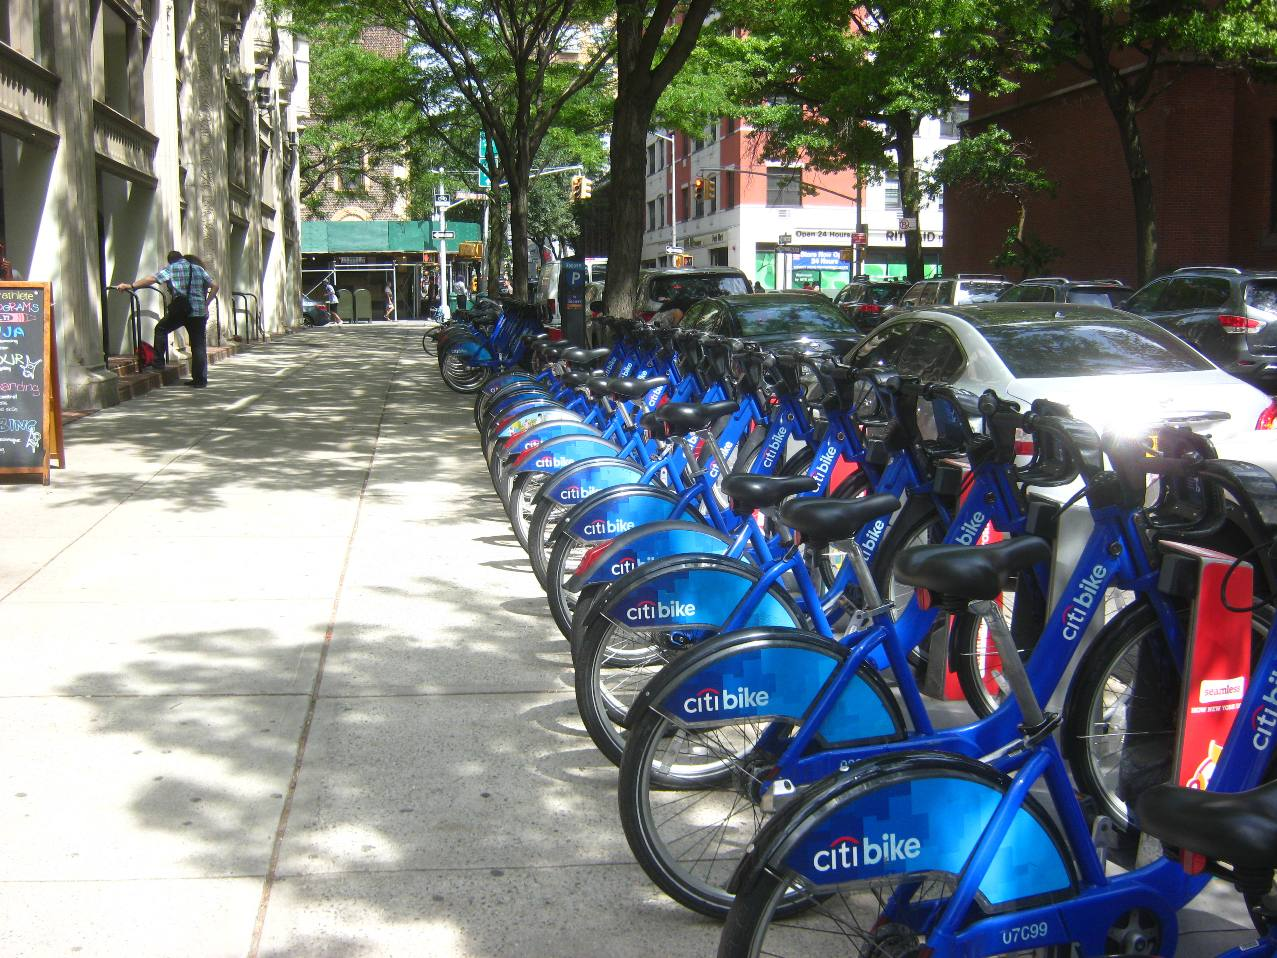 ニューヨークの貸自転車事業シティバイクの駐輪場。